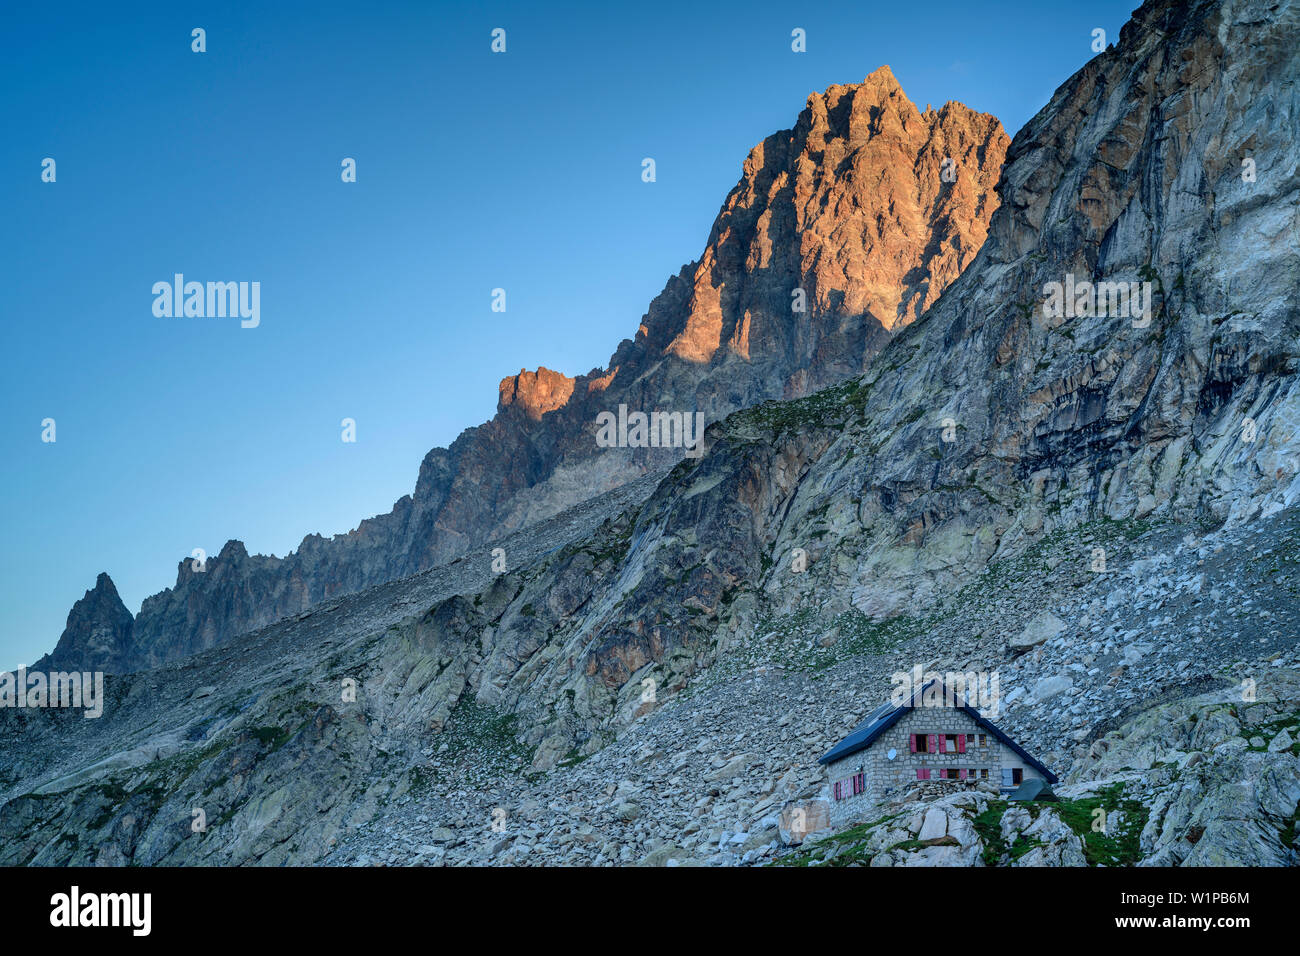 Hut Refuge du Soreiller and Aiguille du Plat de la Selle, hut Refuge du Soreiller, Ecrins, National Park Ecrins, Dauphine, Dauphiné, Hautes Alpes, Fra - Stock Image